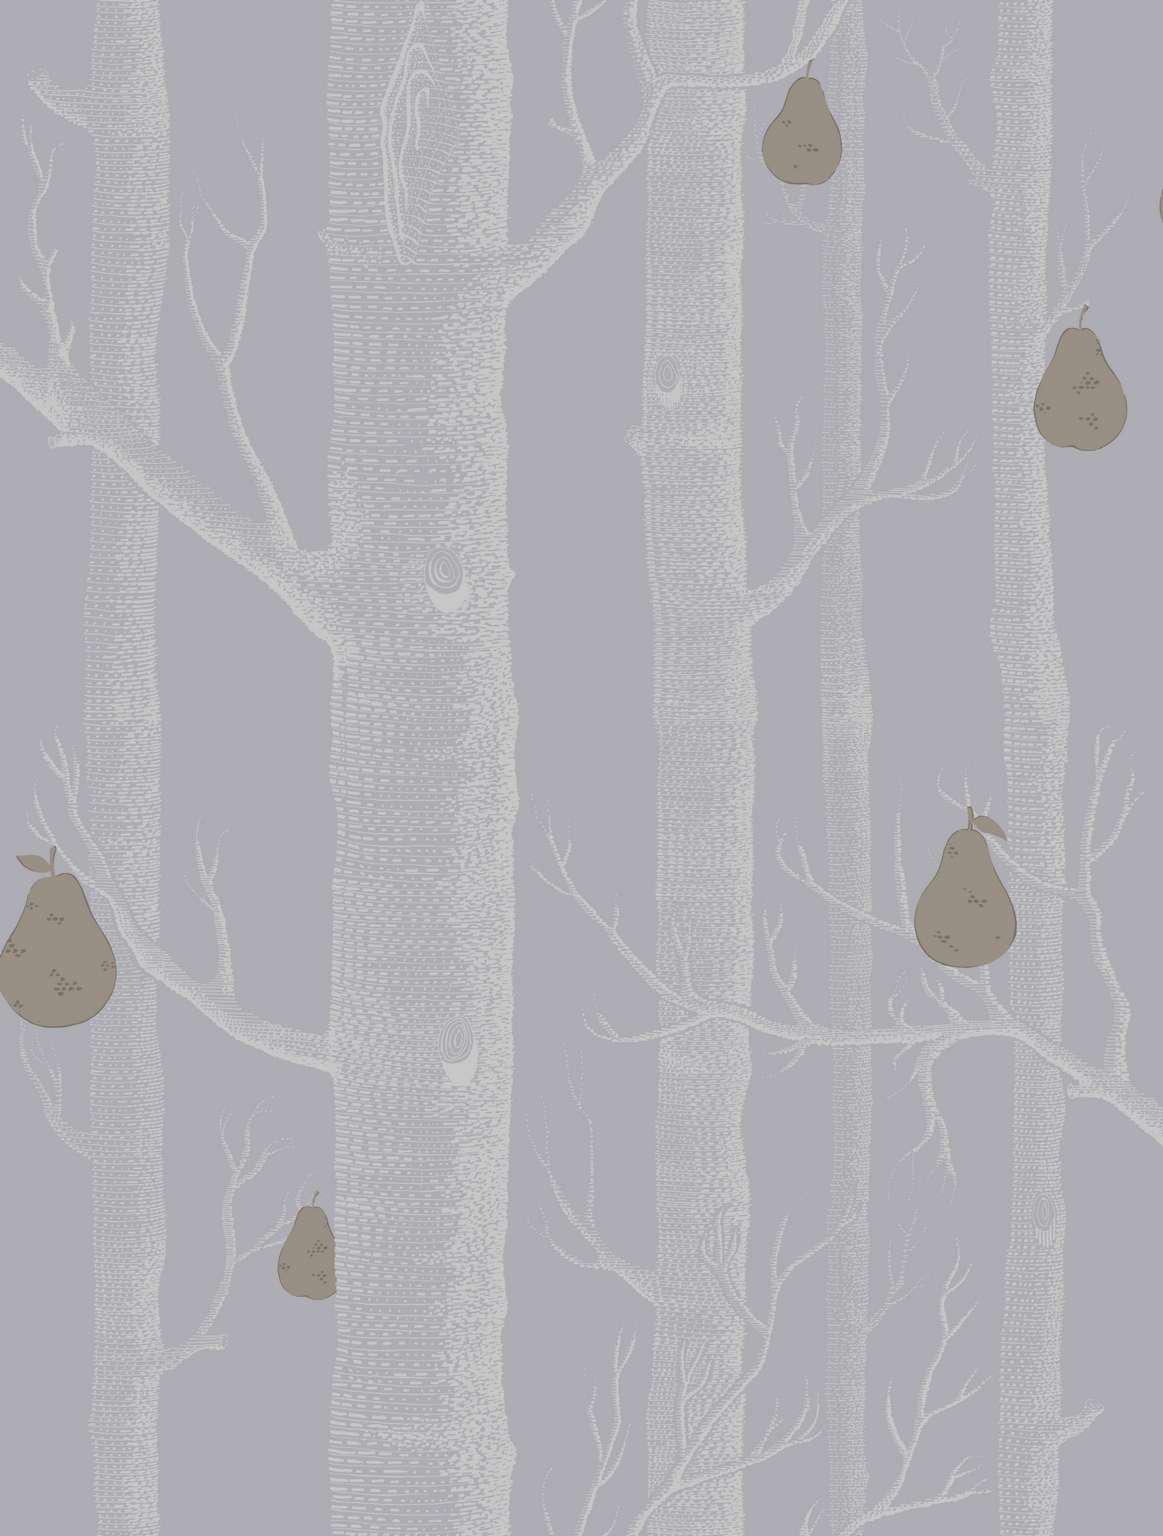 Woods and Pears 95/5030 - на 360.ru: цены, описание, характеристики, где купить в Москве.